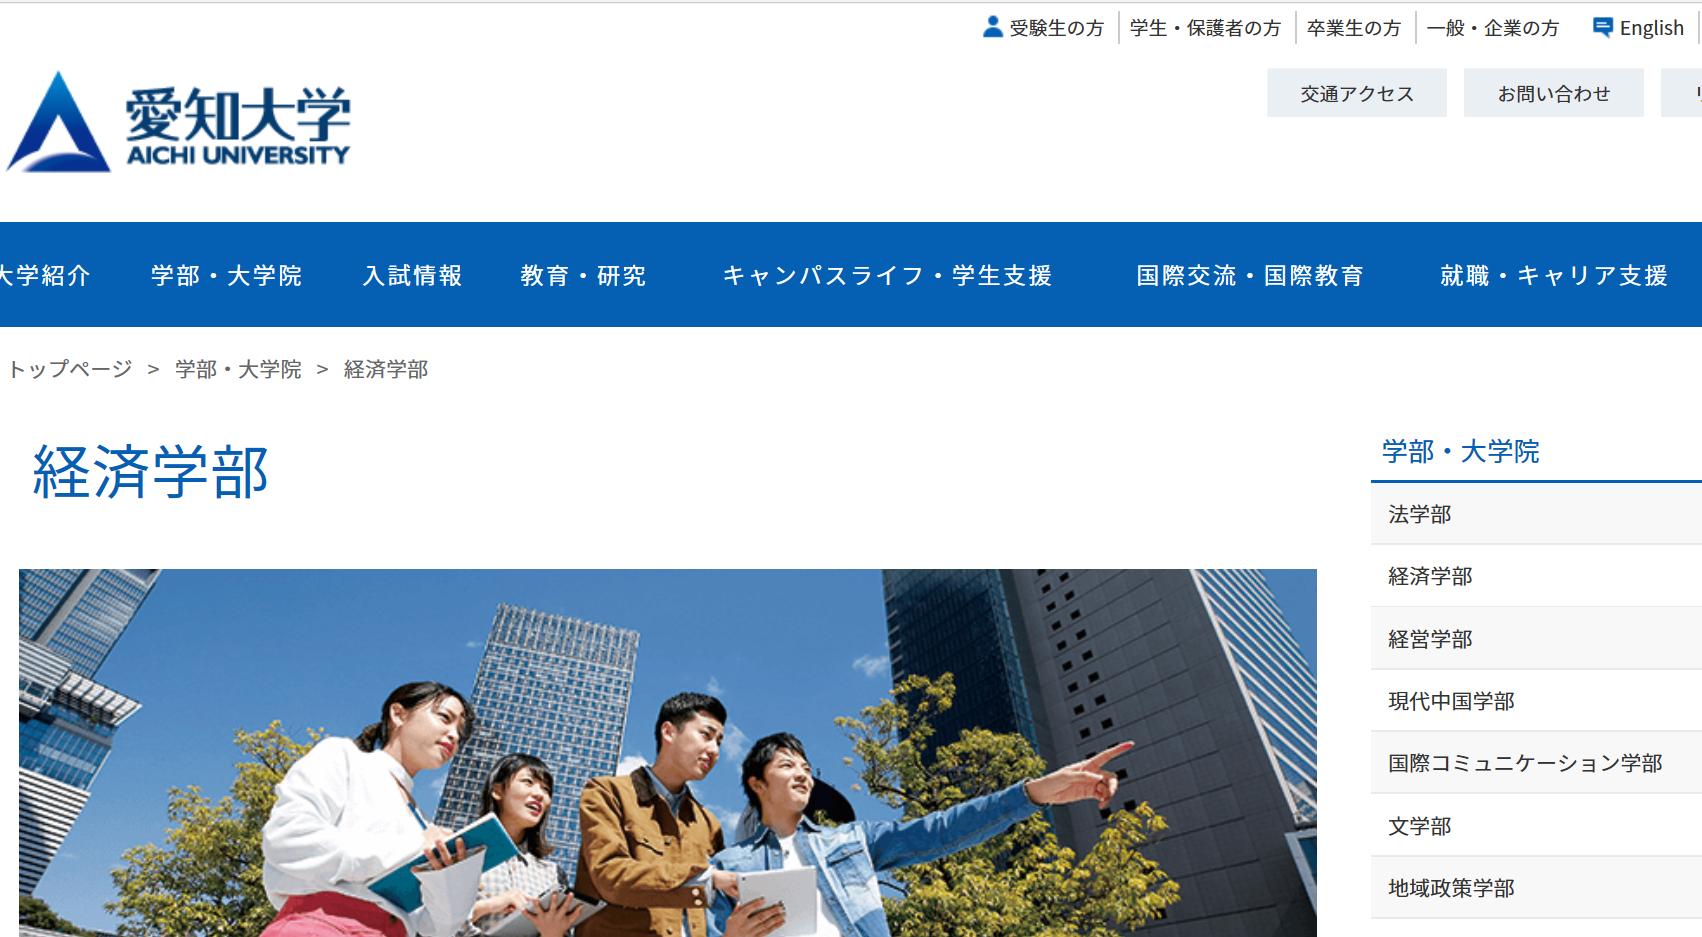 愛知大学の評判・口コミ【経済学部編】